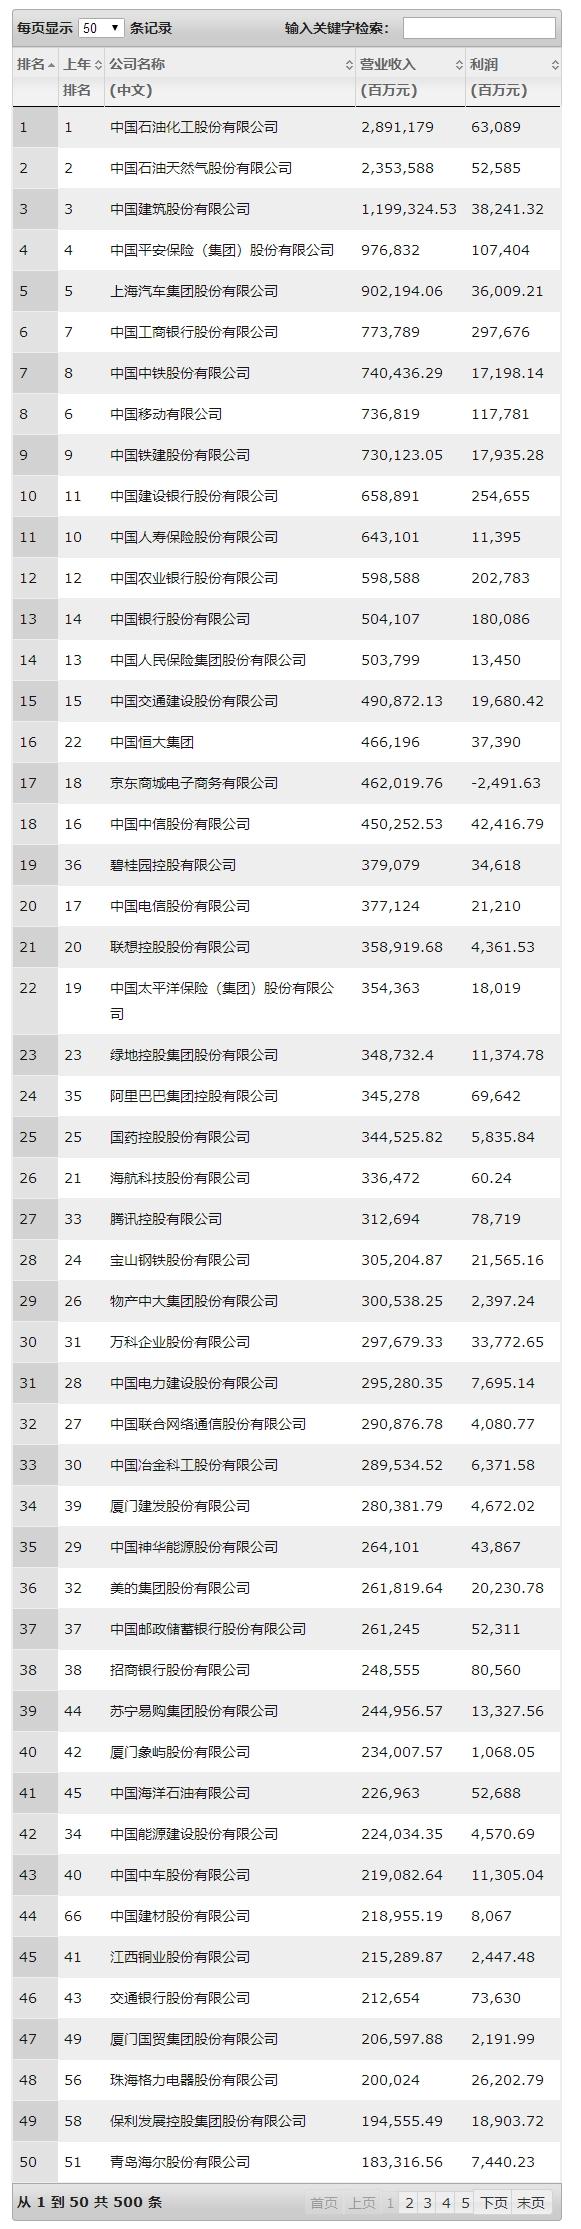 今年上榜公司总收入达45.5万亿元人民币-新闻5点半